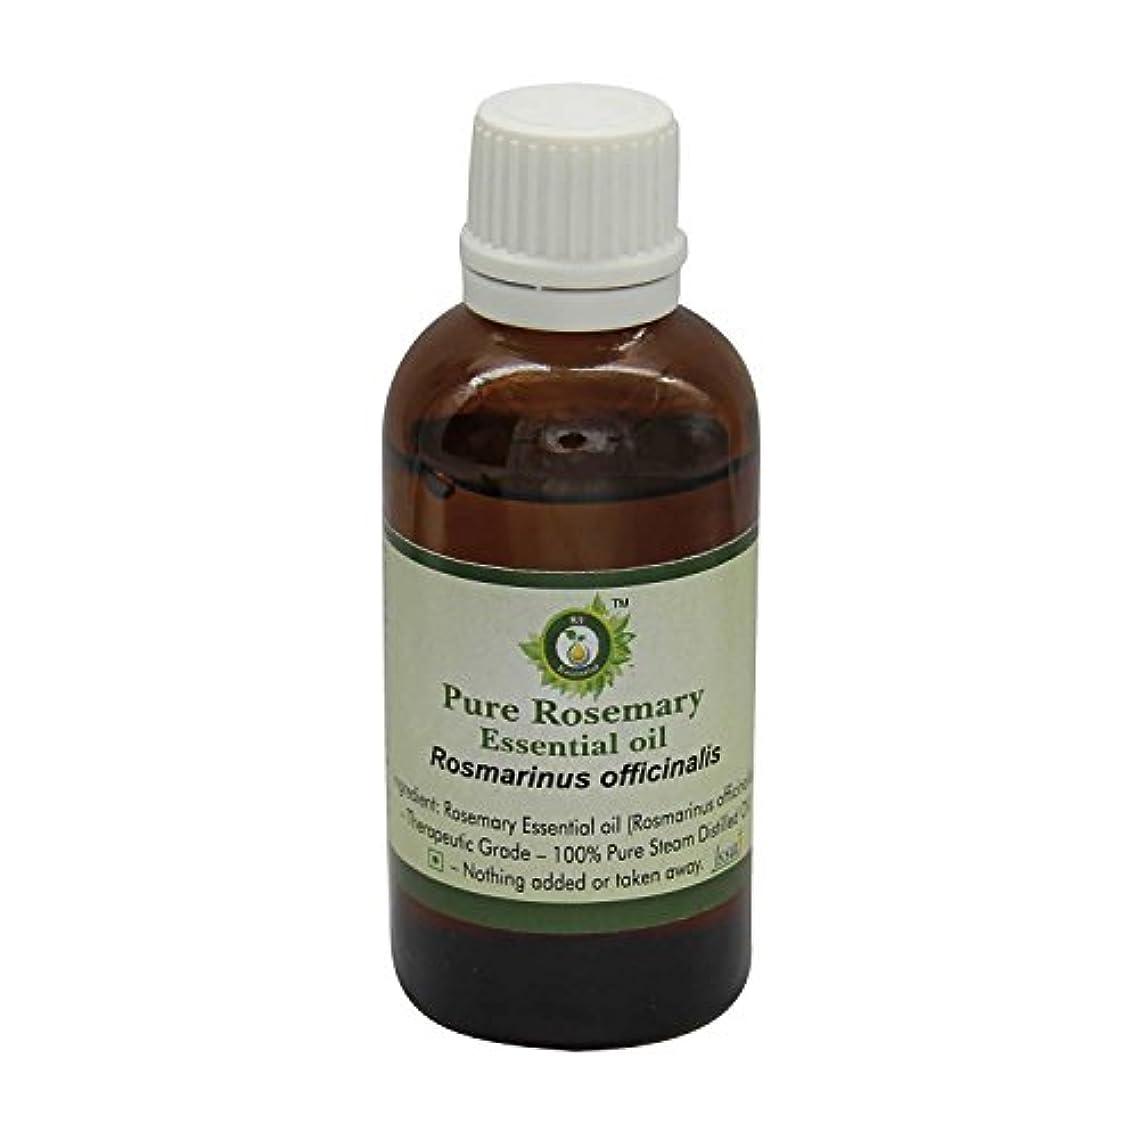 無駄有害少なくともR V Essential ピュアローズマリーエッセンシャルオイル30ml (1.01oz)- Rosmarinus Officinalis (100%純粋&天然スチームDistilled) Pure Rosemary...